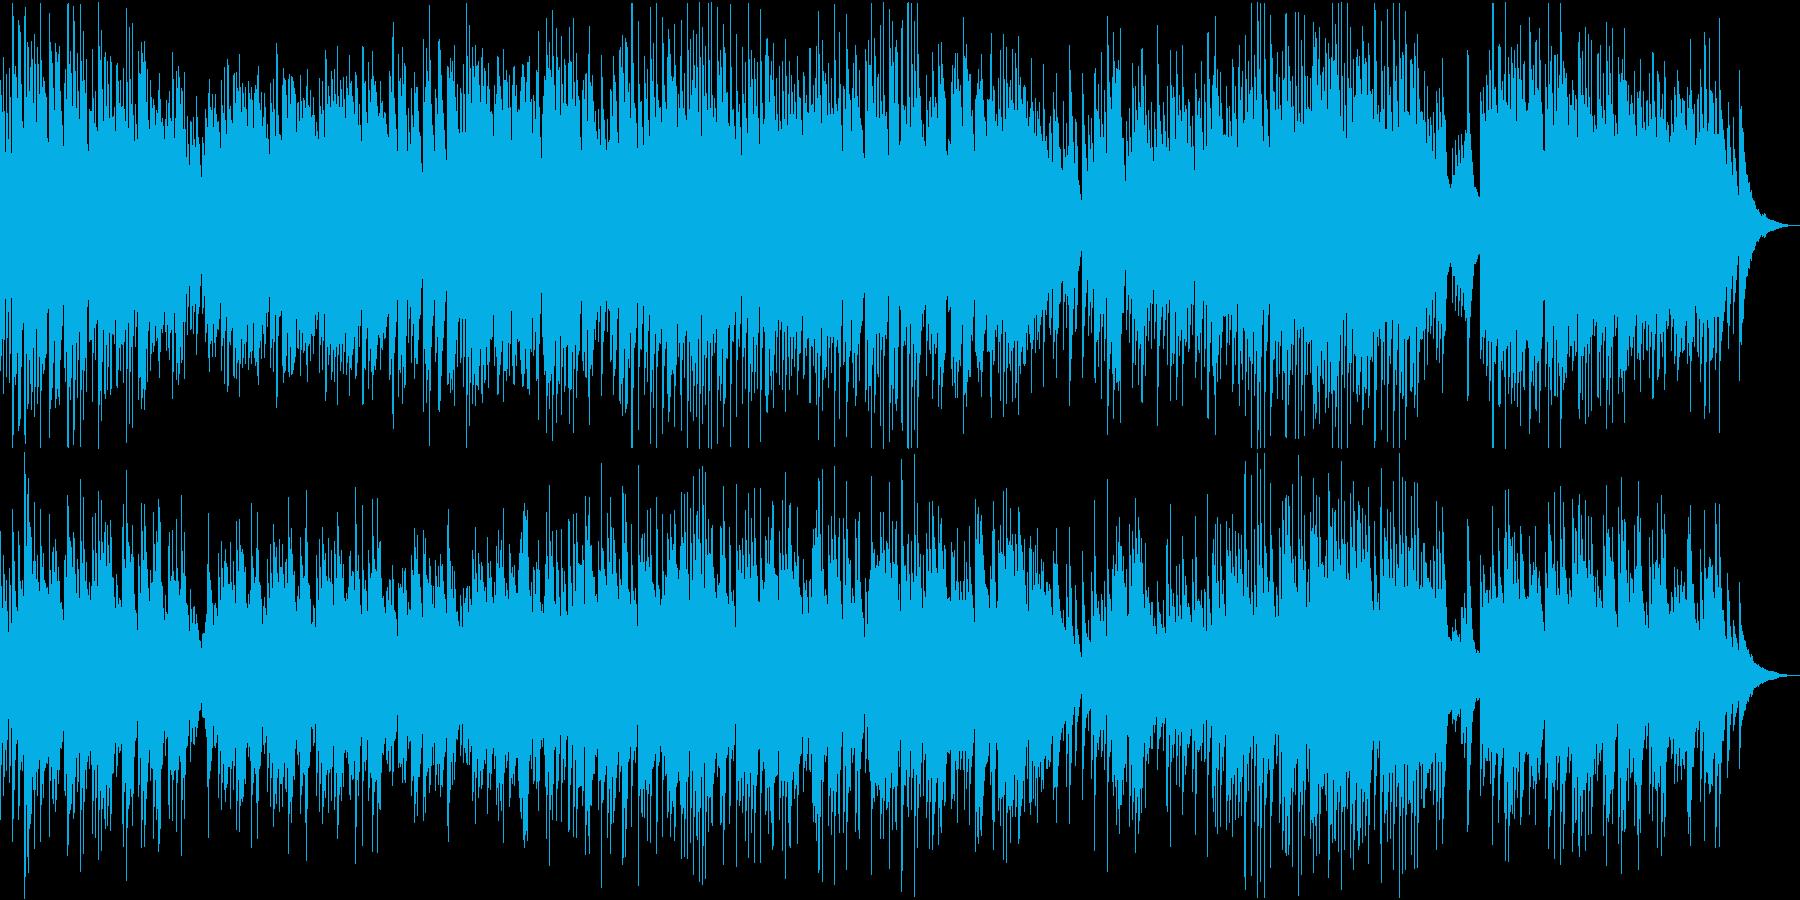 切なくも優しい、夏のピアノ曲の再生済みの波形